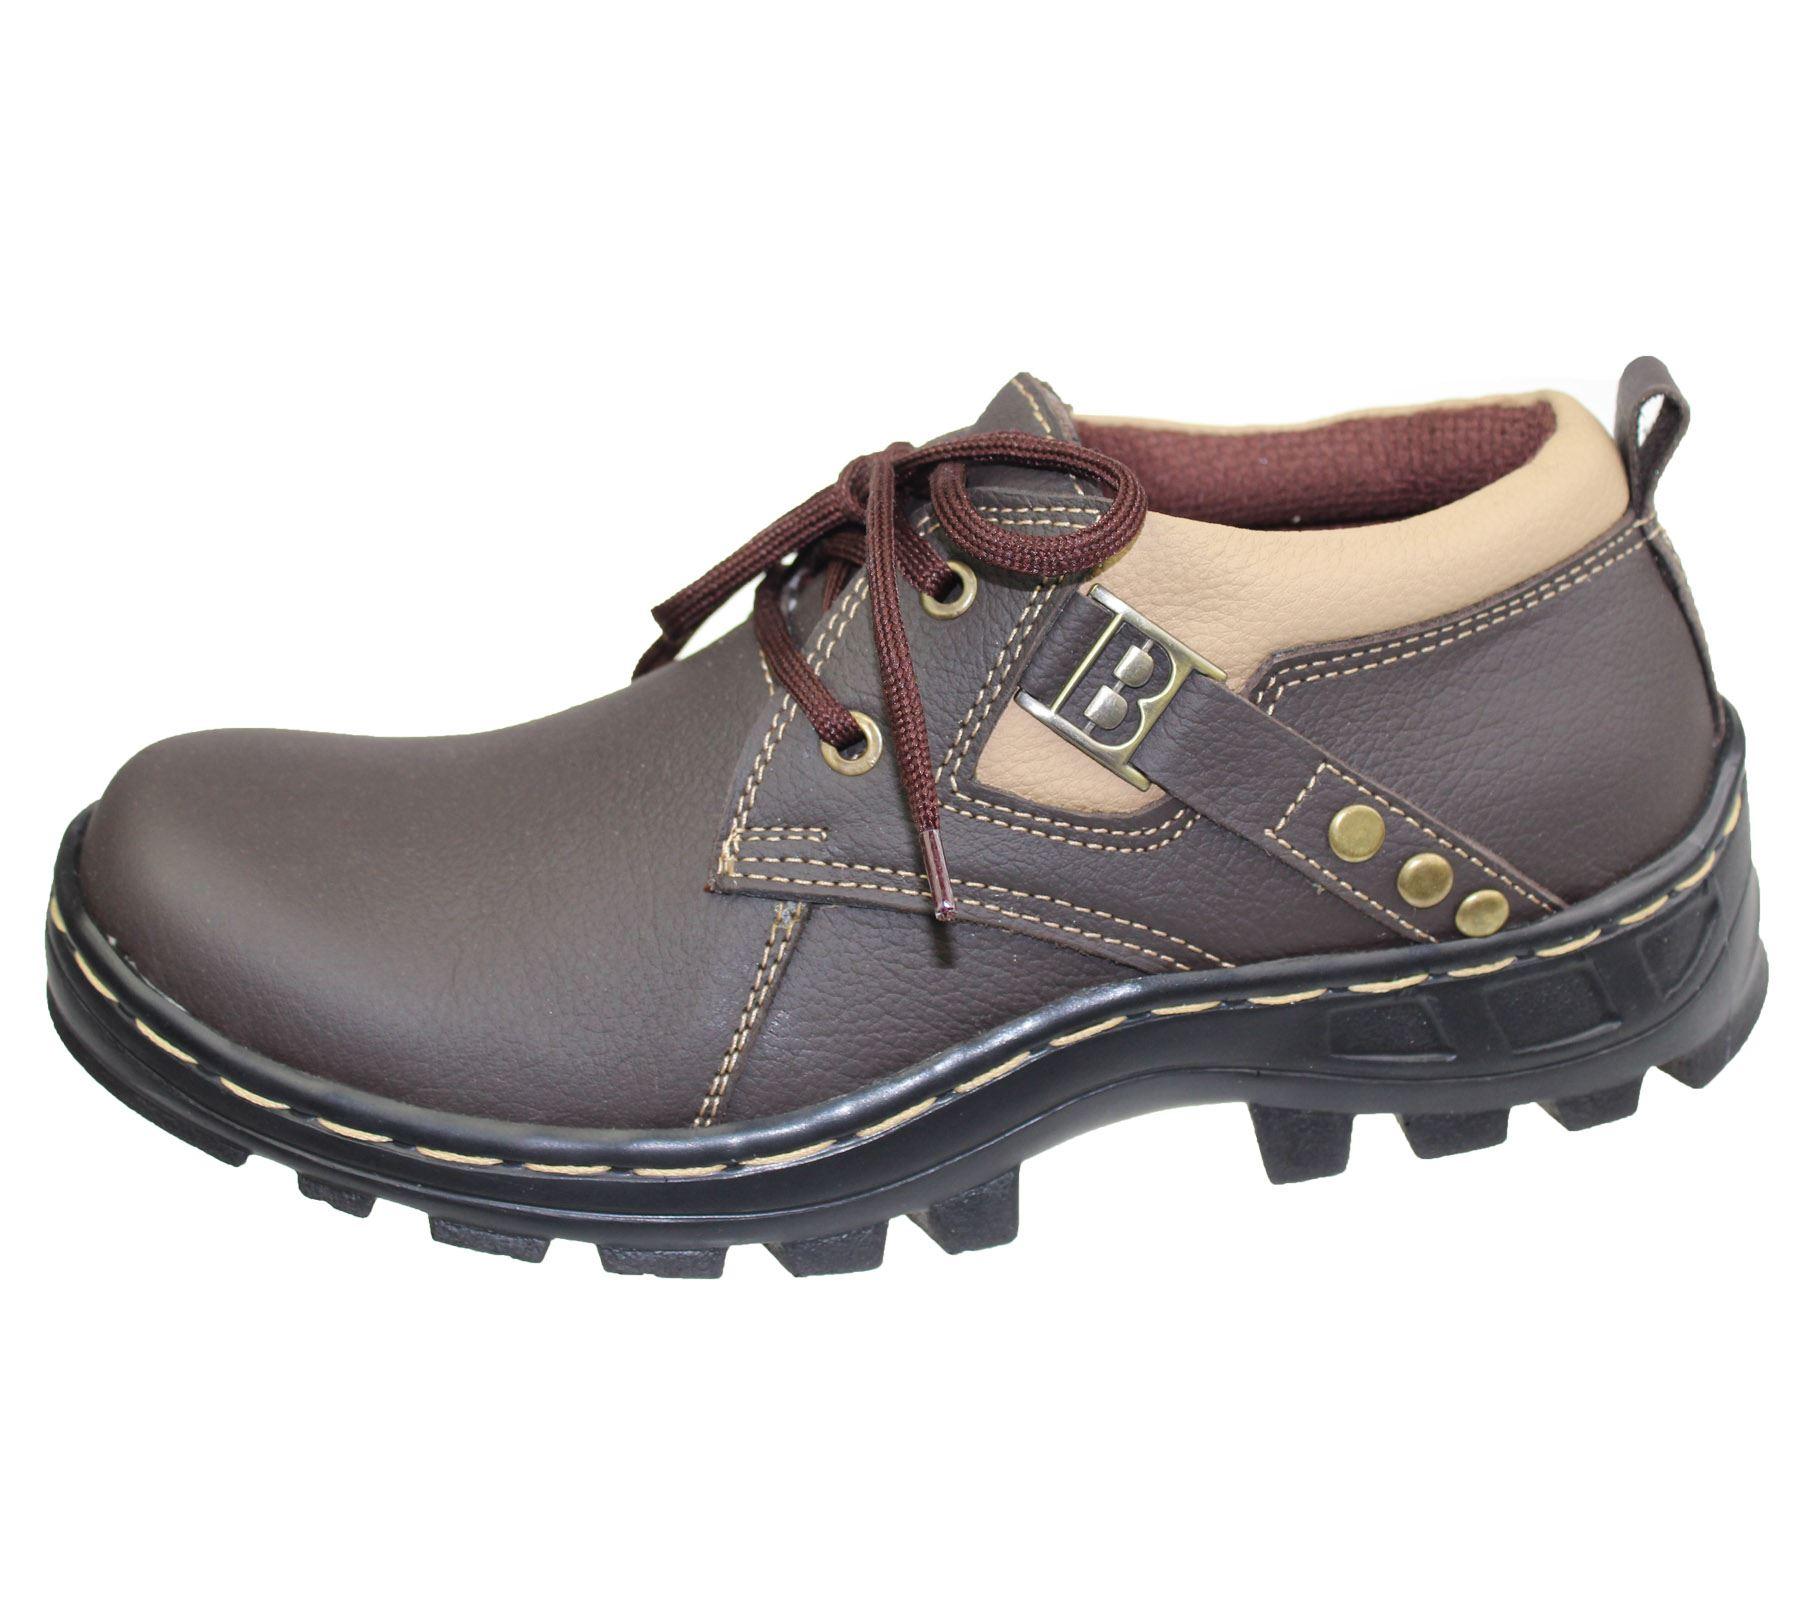 Uk Shoe Shop International Shipping